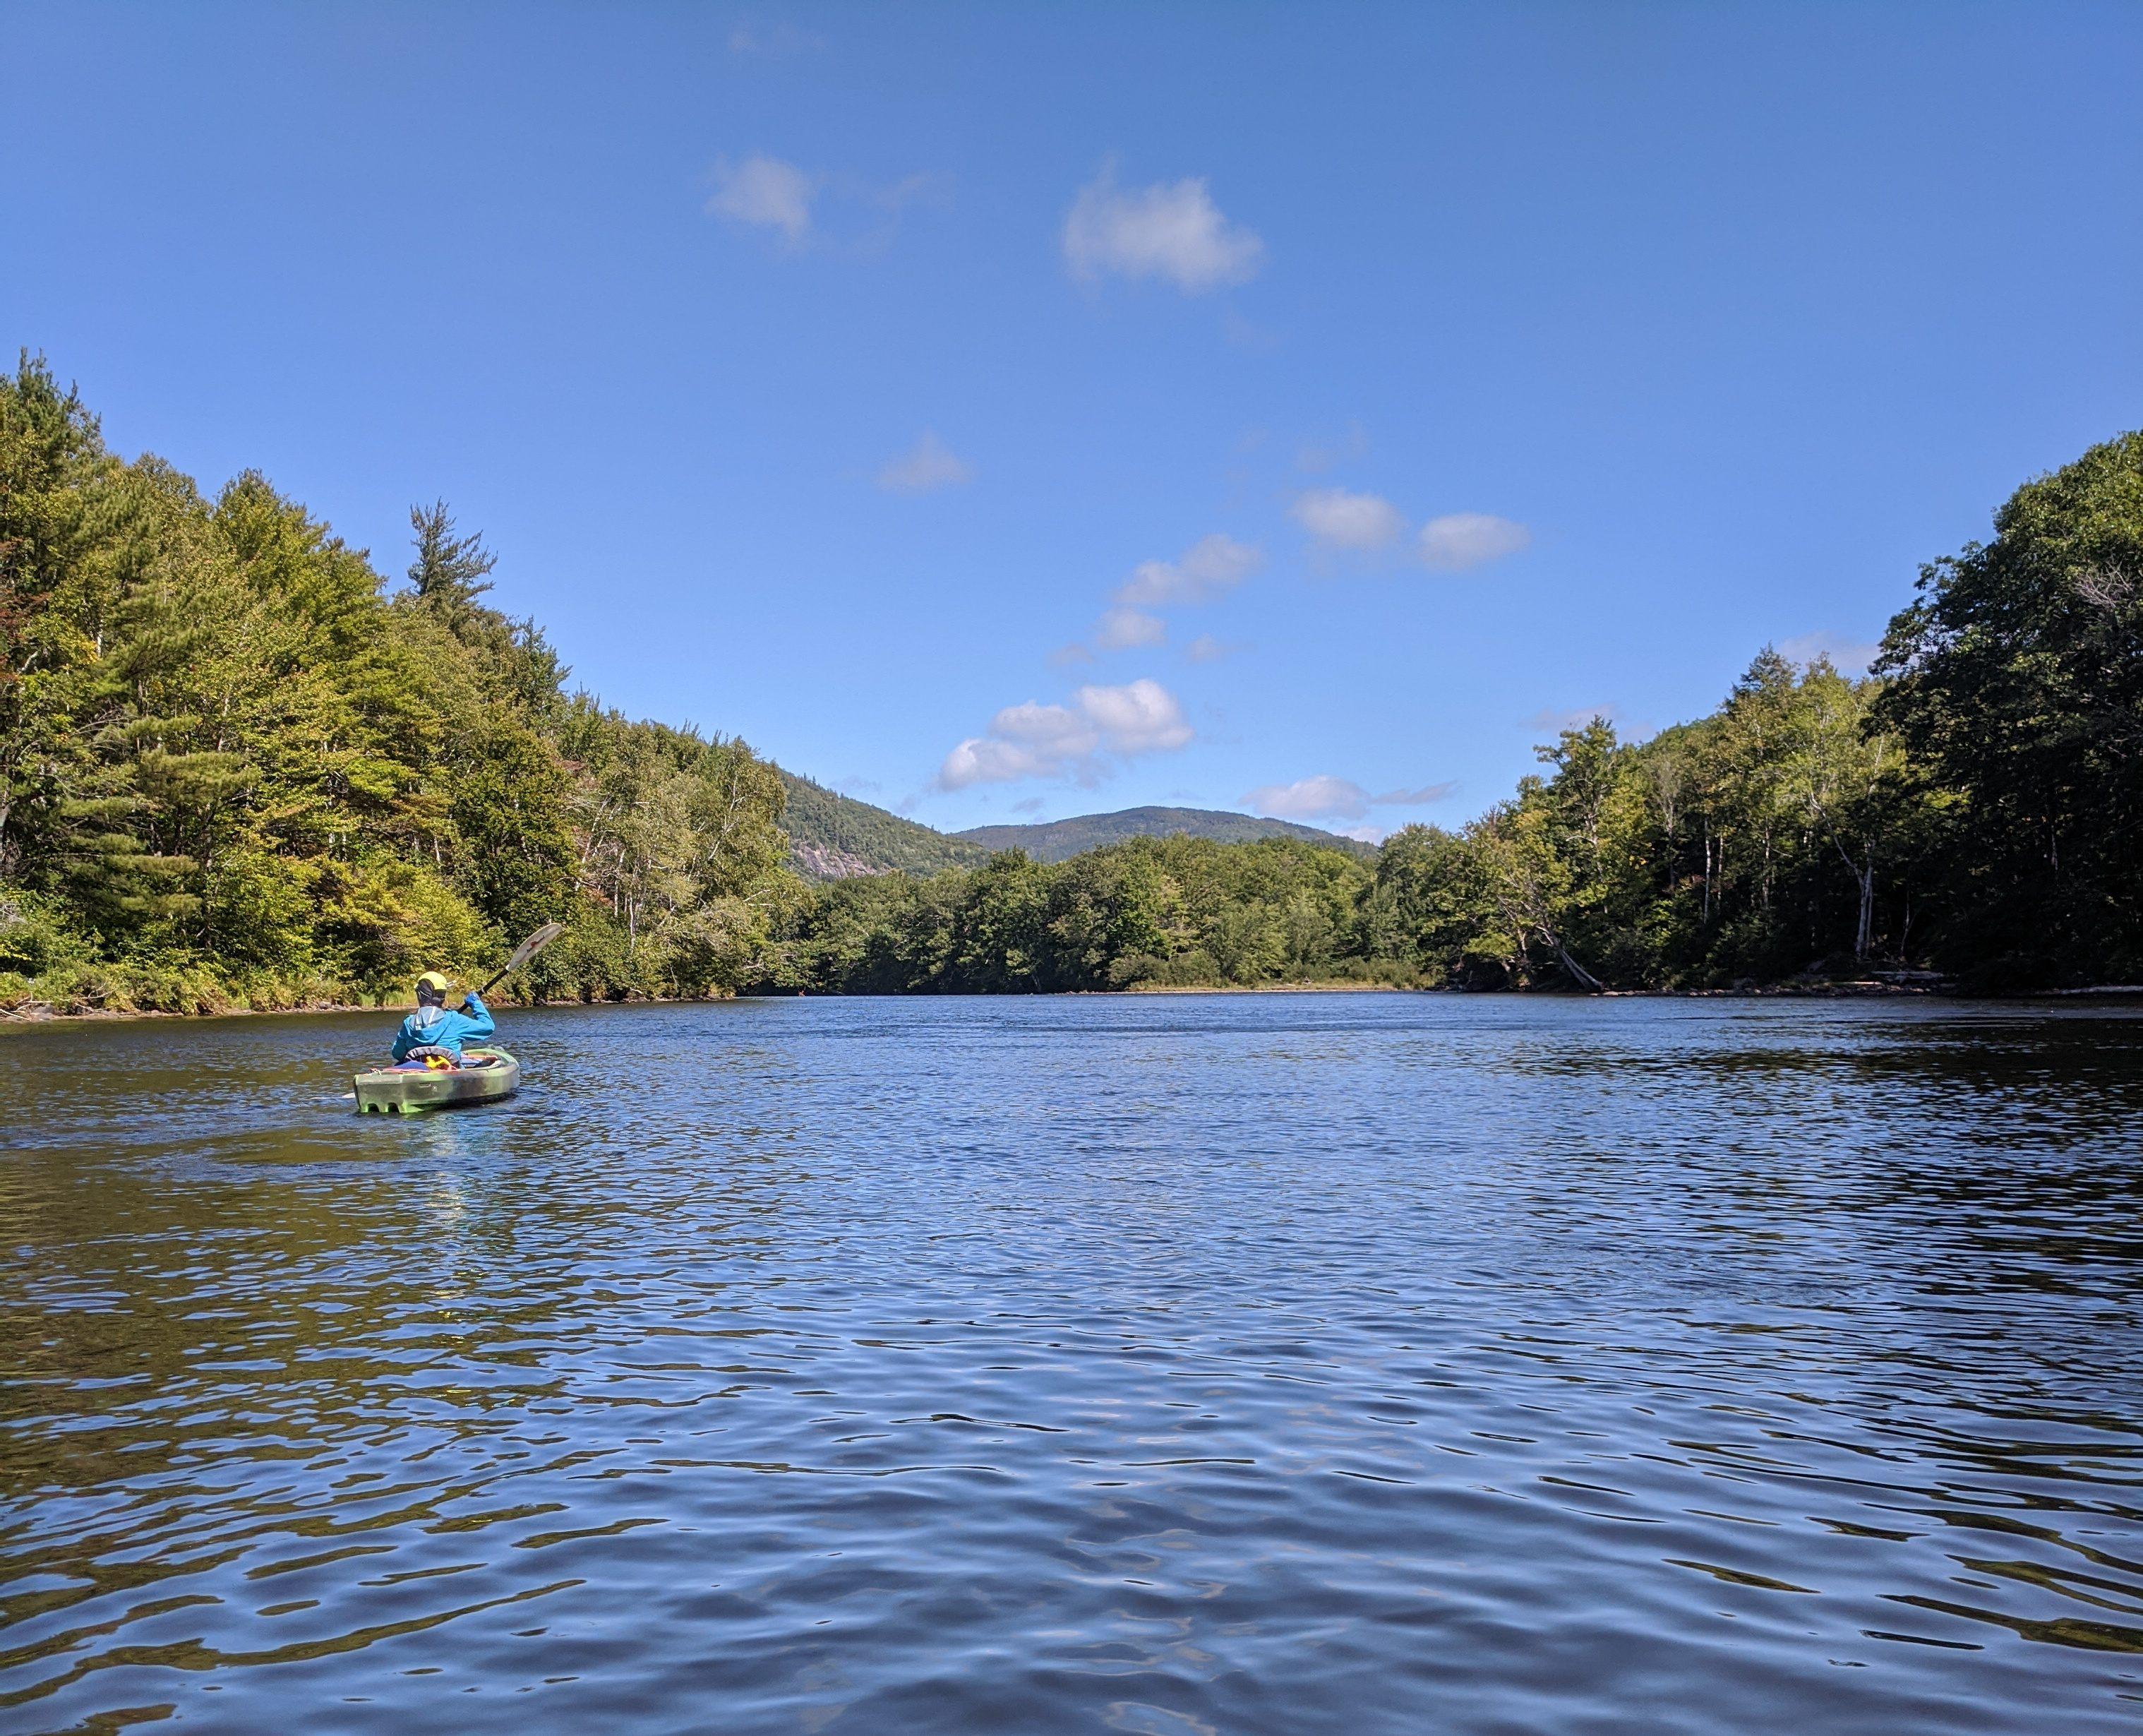 Androscoggin Canoe River Trail- Shelburne Dam to Gilead